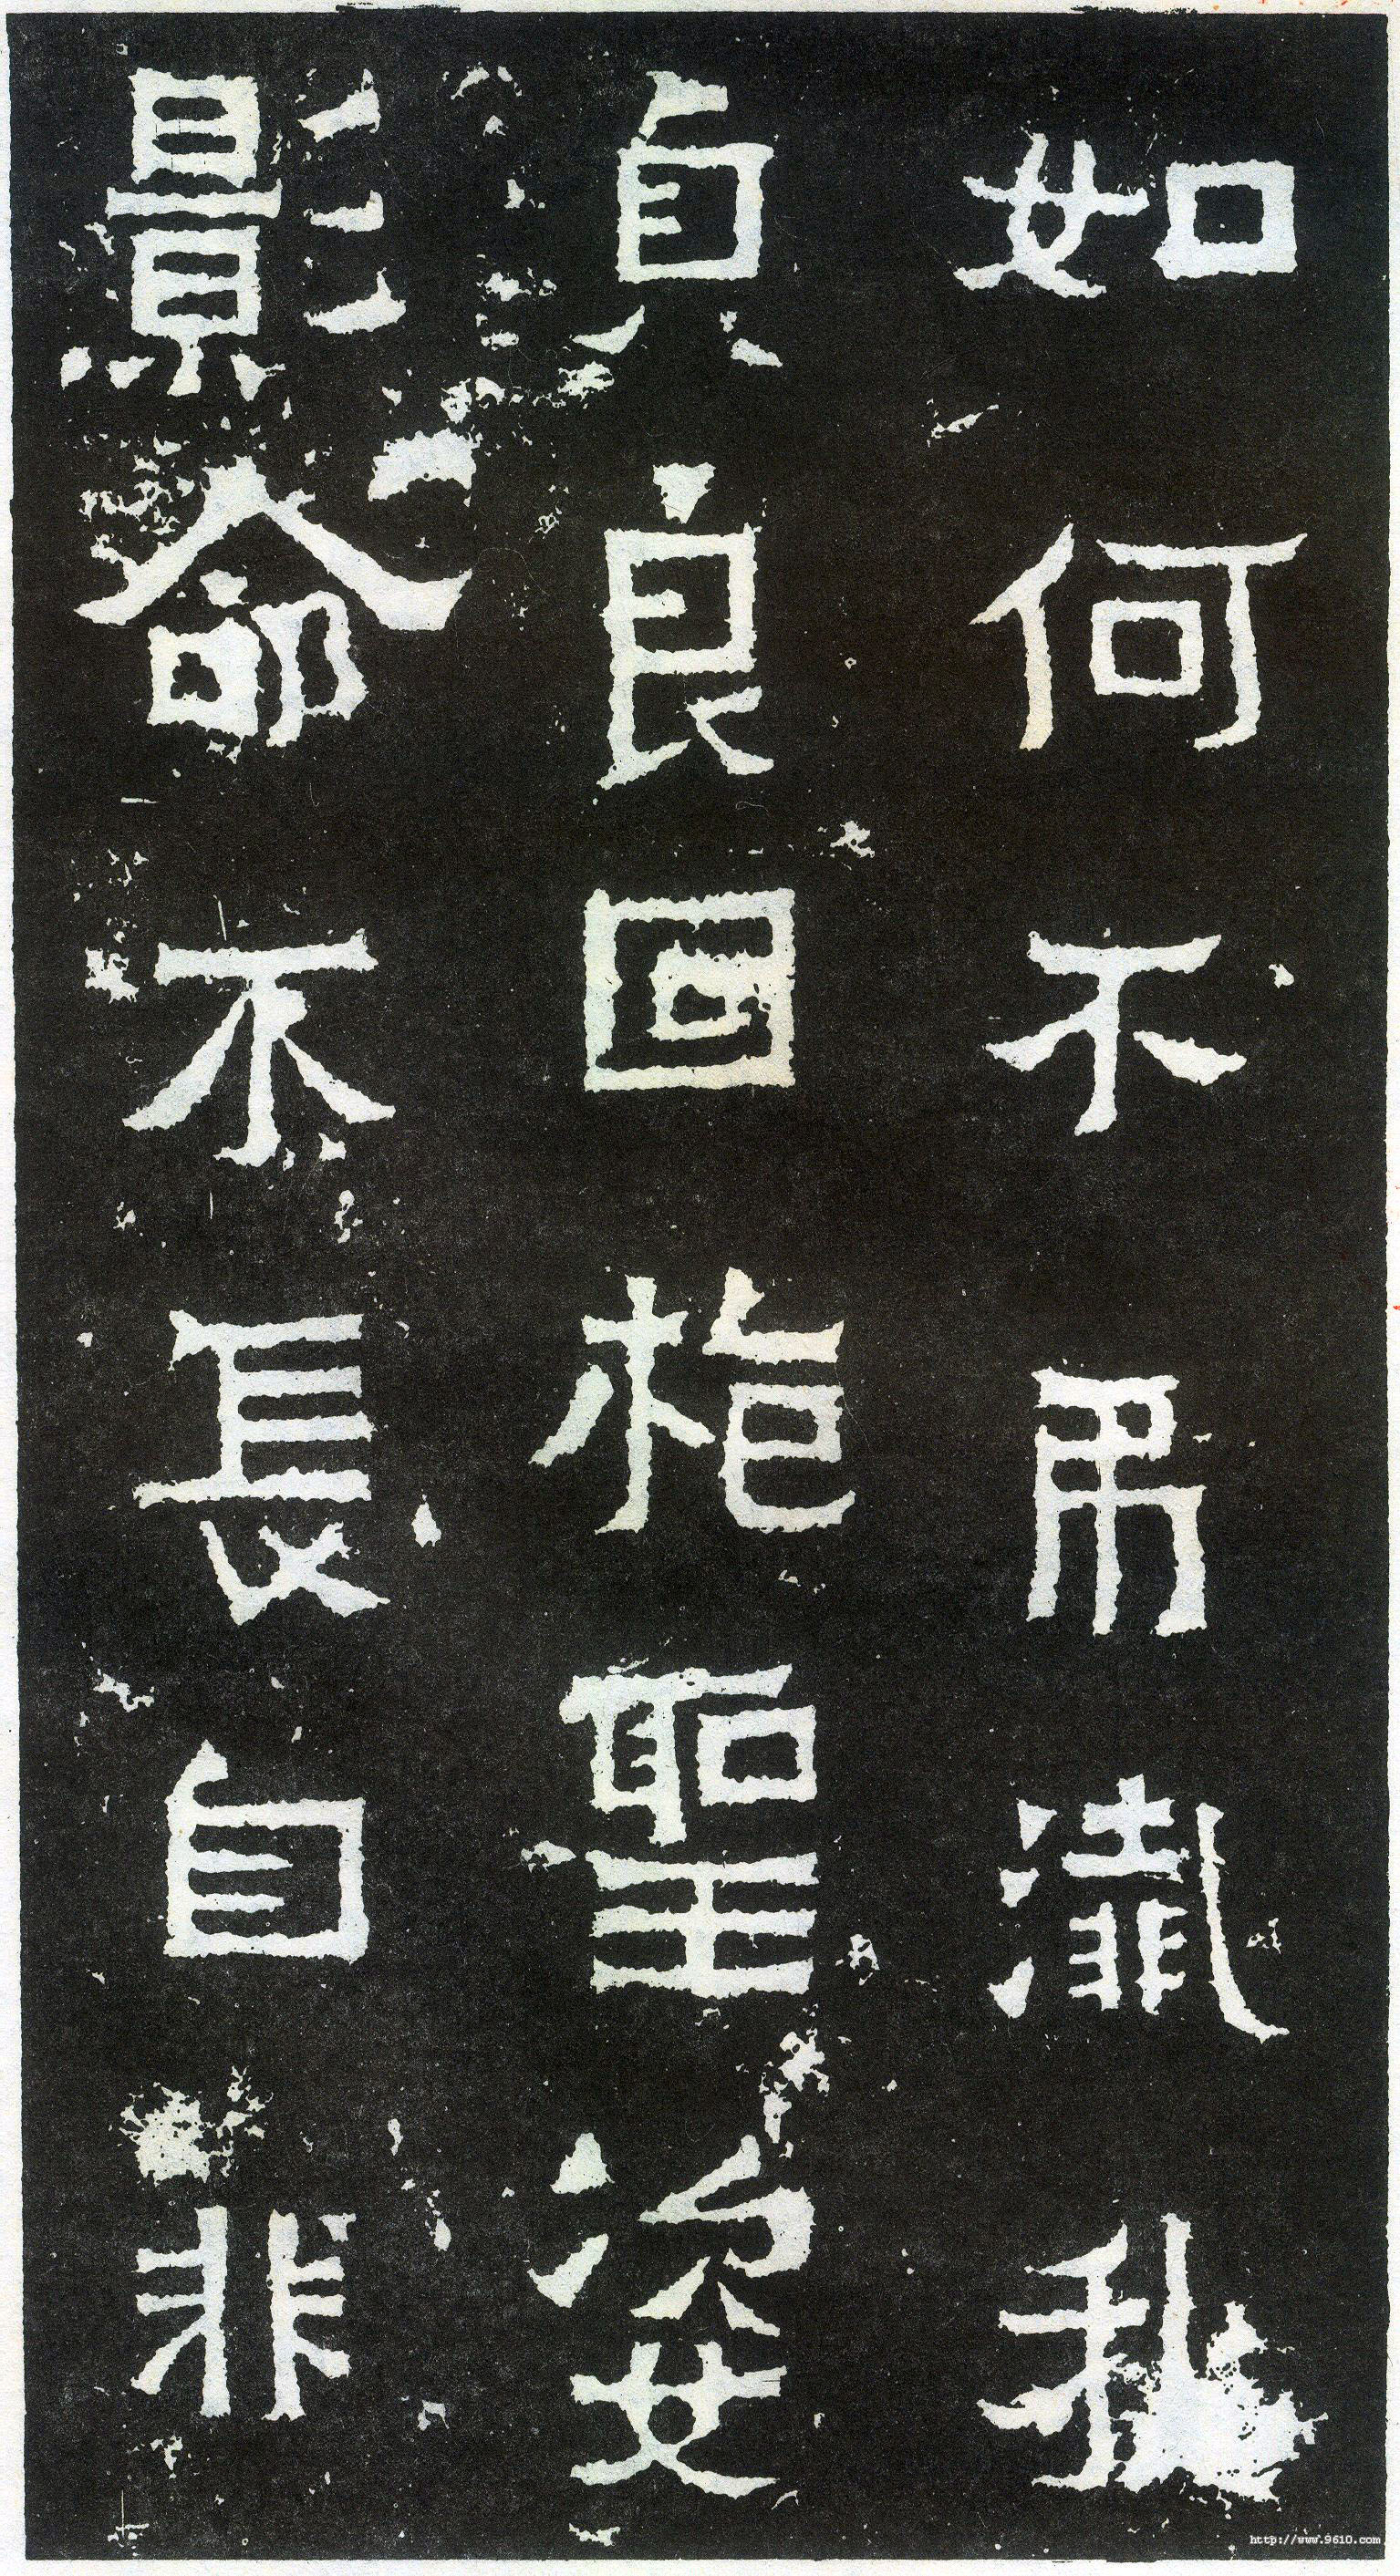 姿媚如神女·爨宝子碑 - 香儿 - xianger